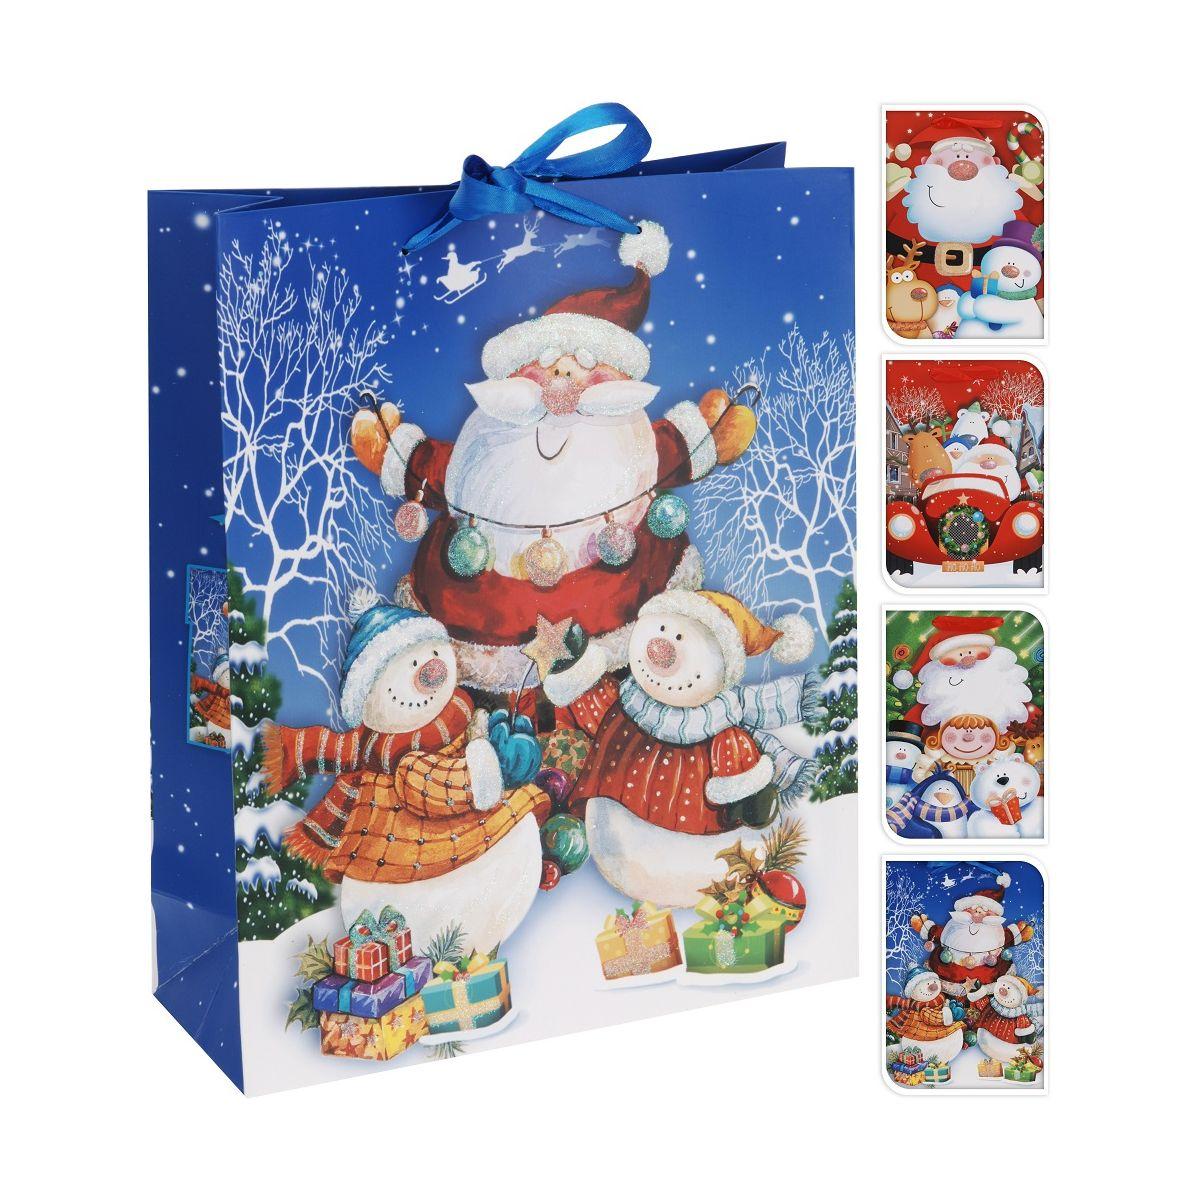 Пакет подарочный 24x18x8смпакет подарочный 24x18x8см<br>